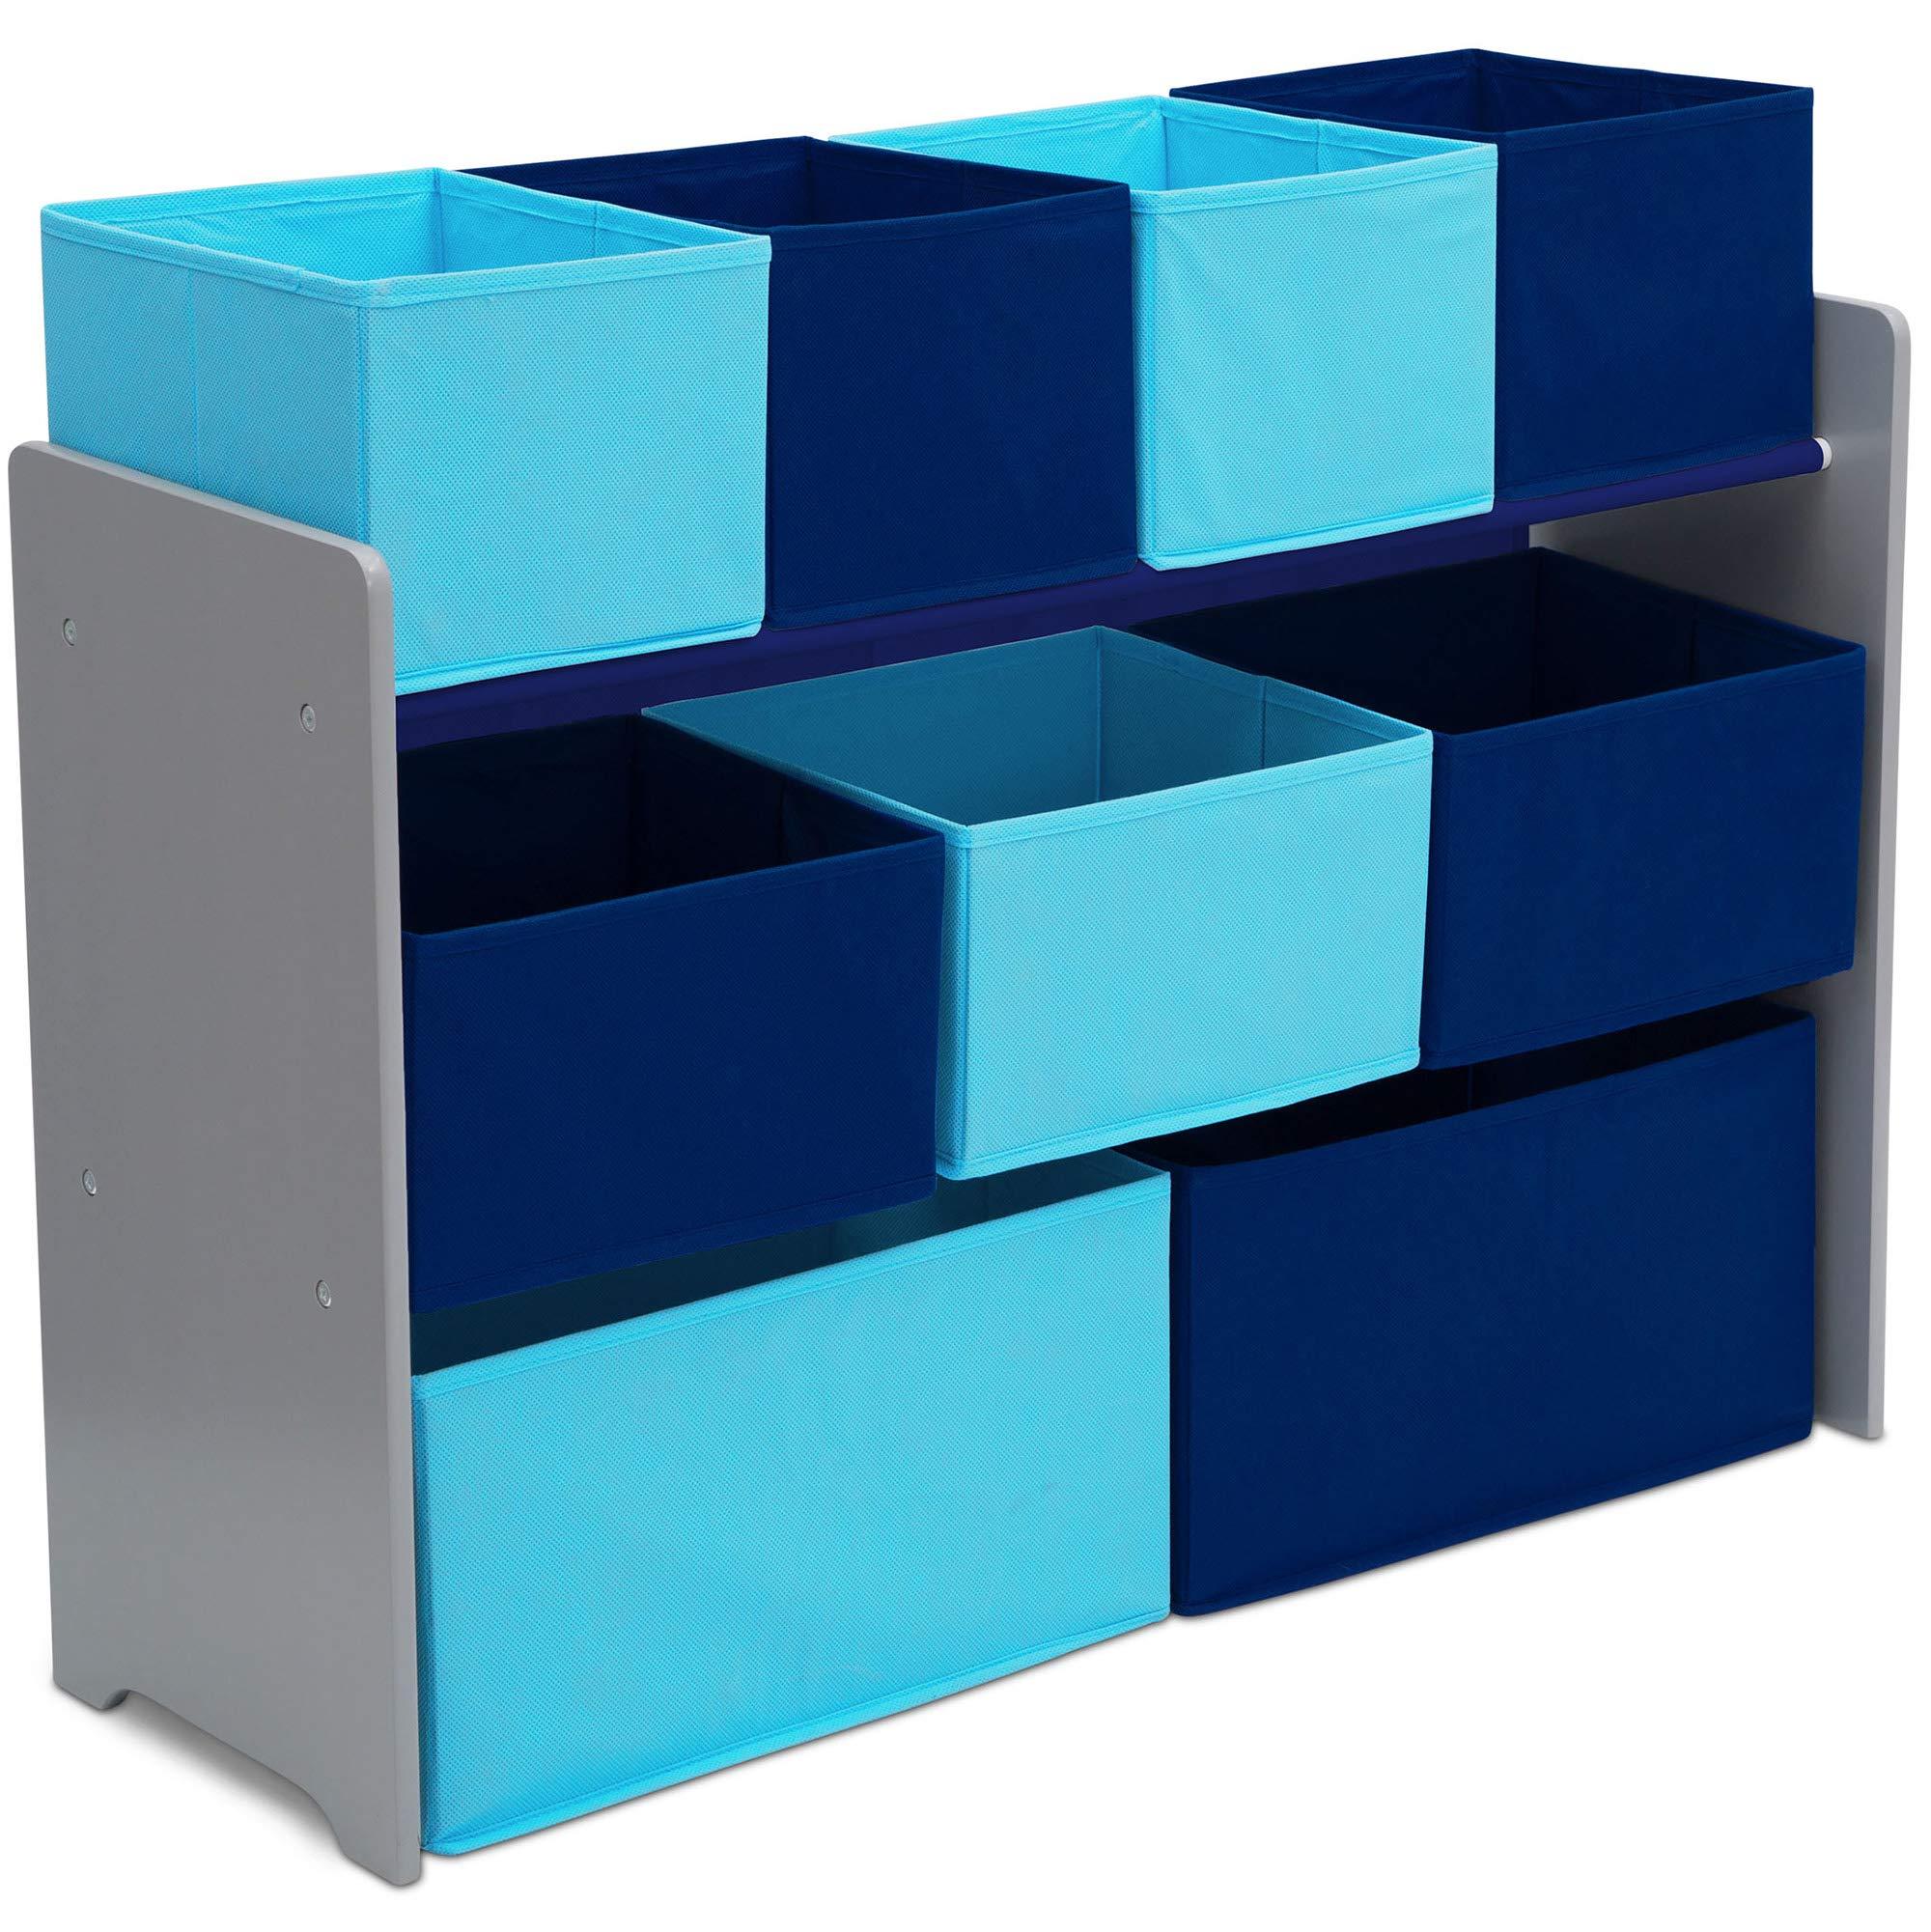 delta children deluxe multi bin toy organizer with storage bins white pink baby. Black Bedroom Furniture Sets. Home Design Ideas